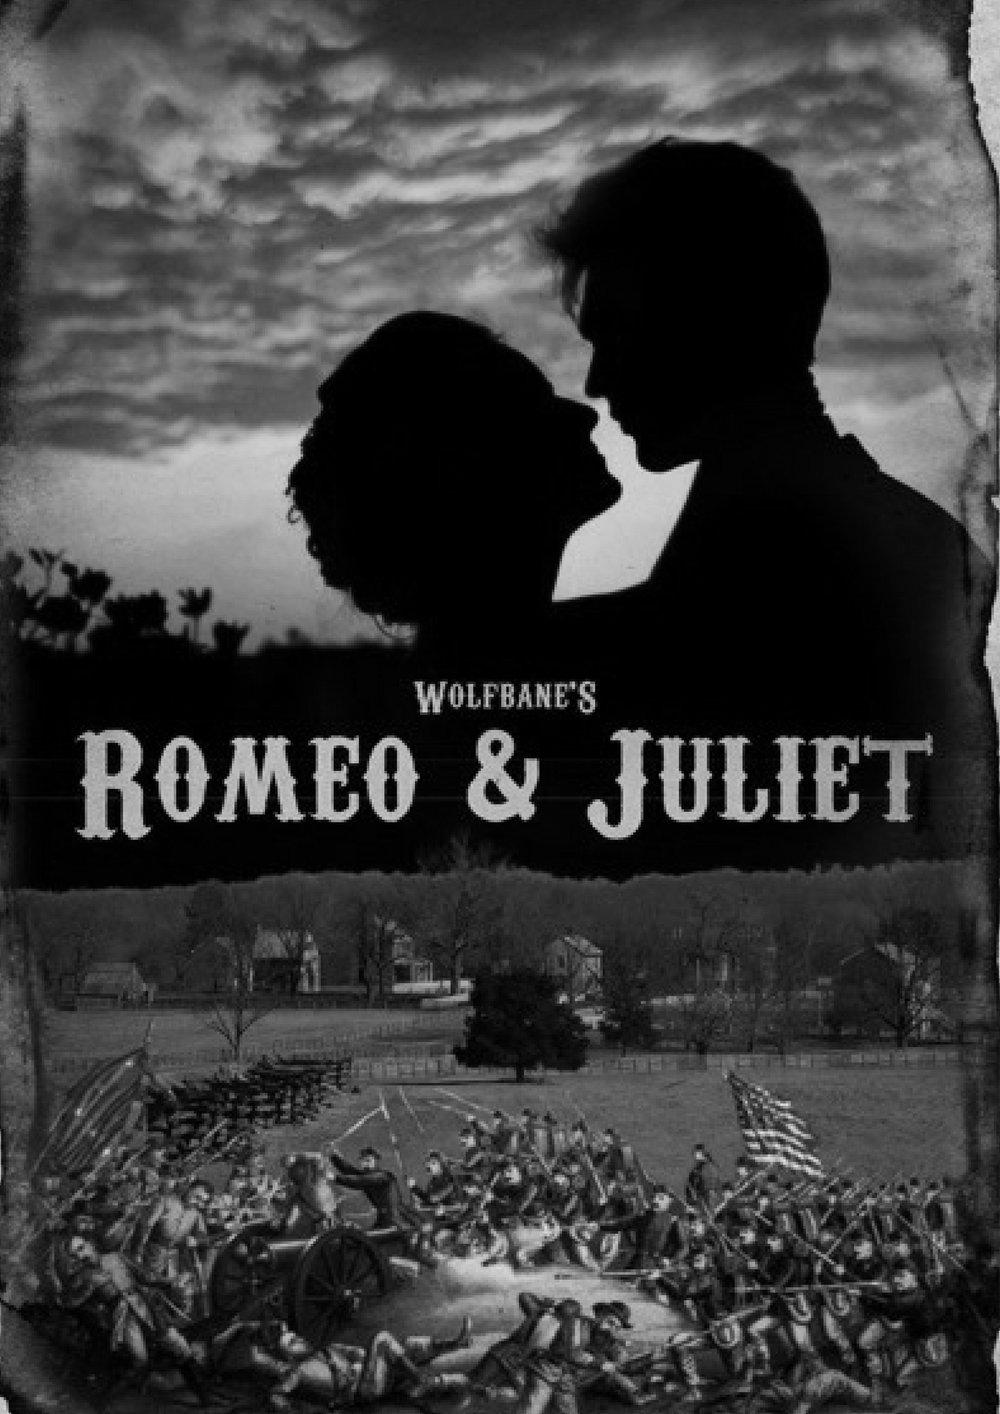 Wolfbane's Romeo and Juliet